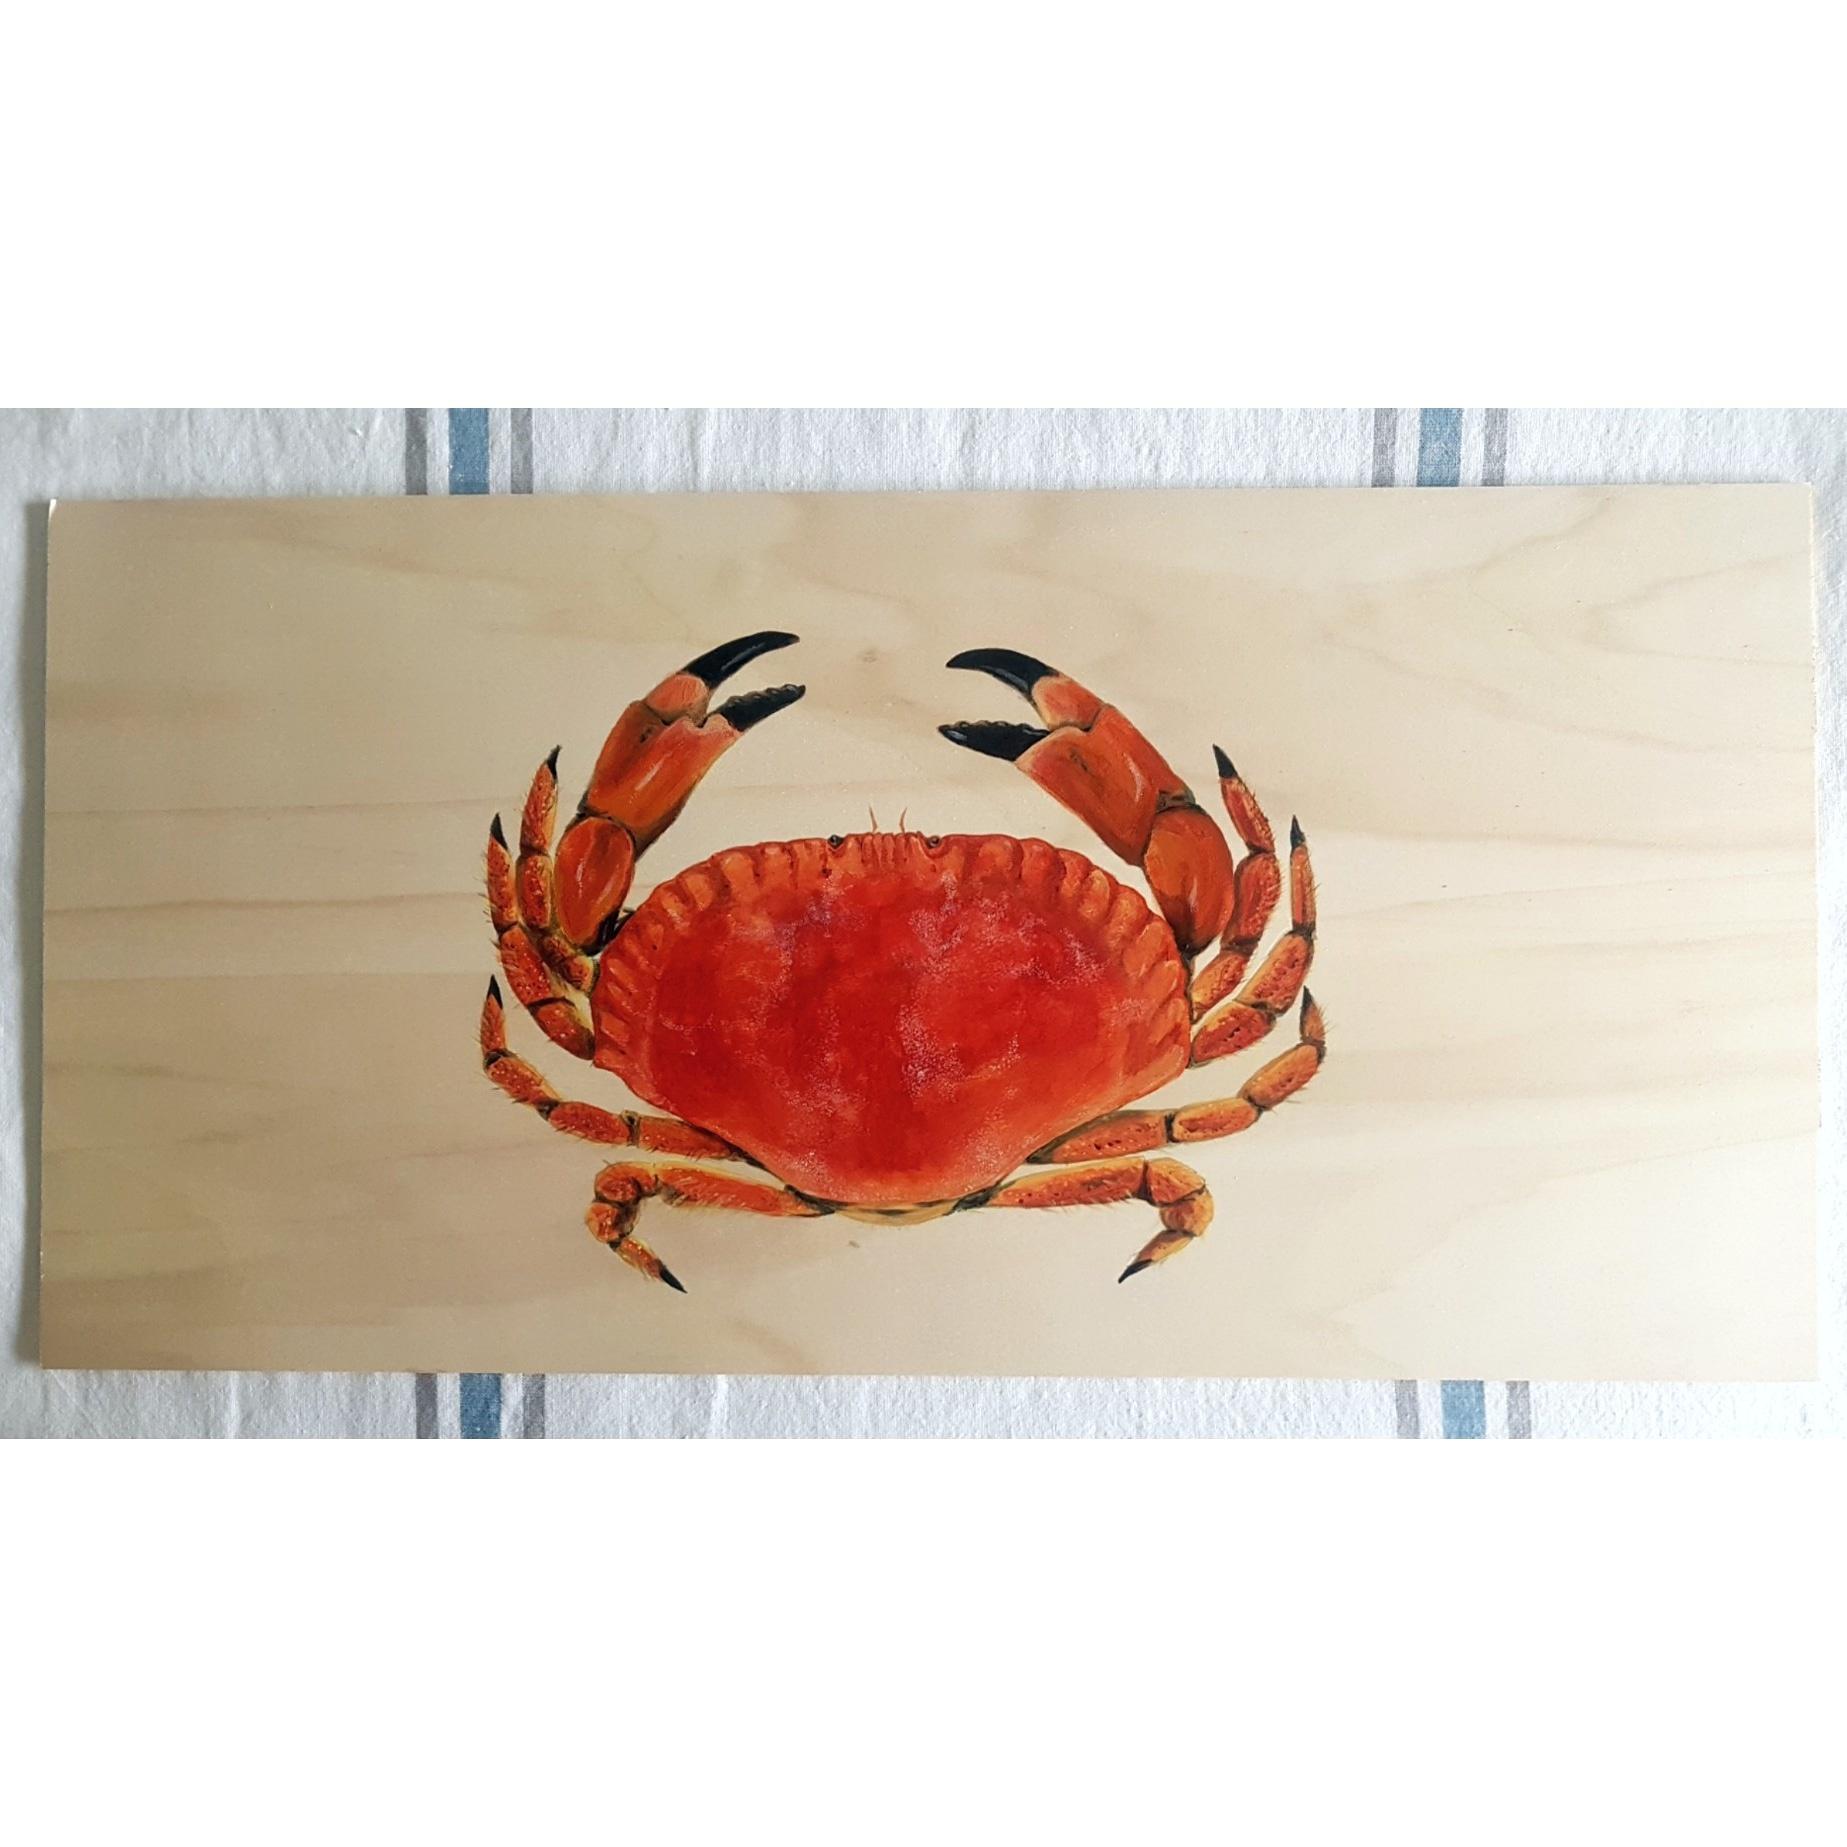 Buey de mar -Seafood collection